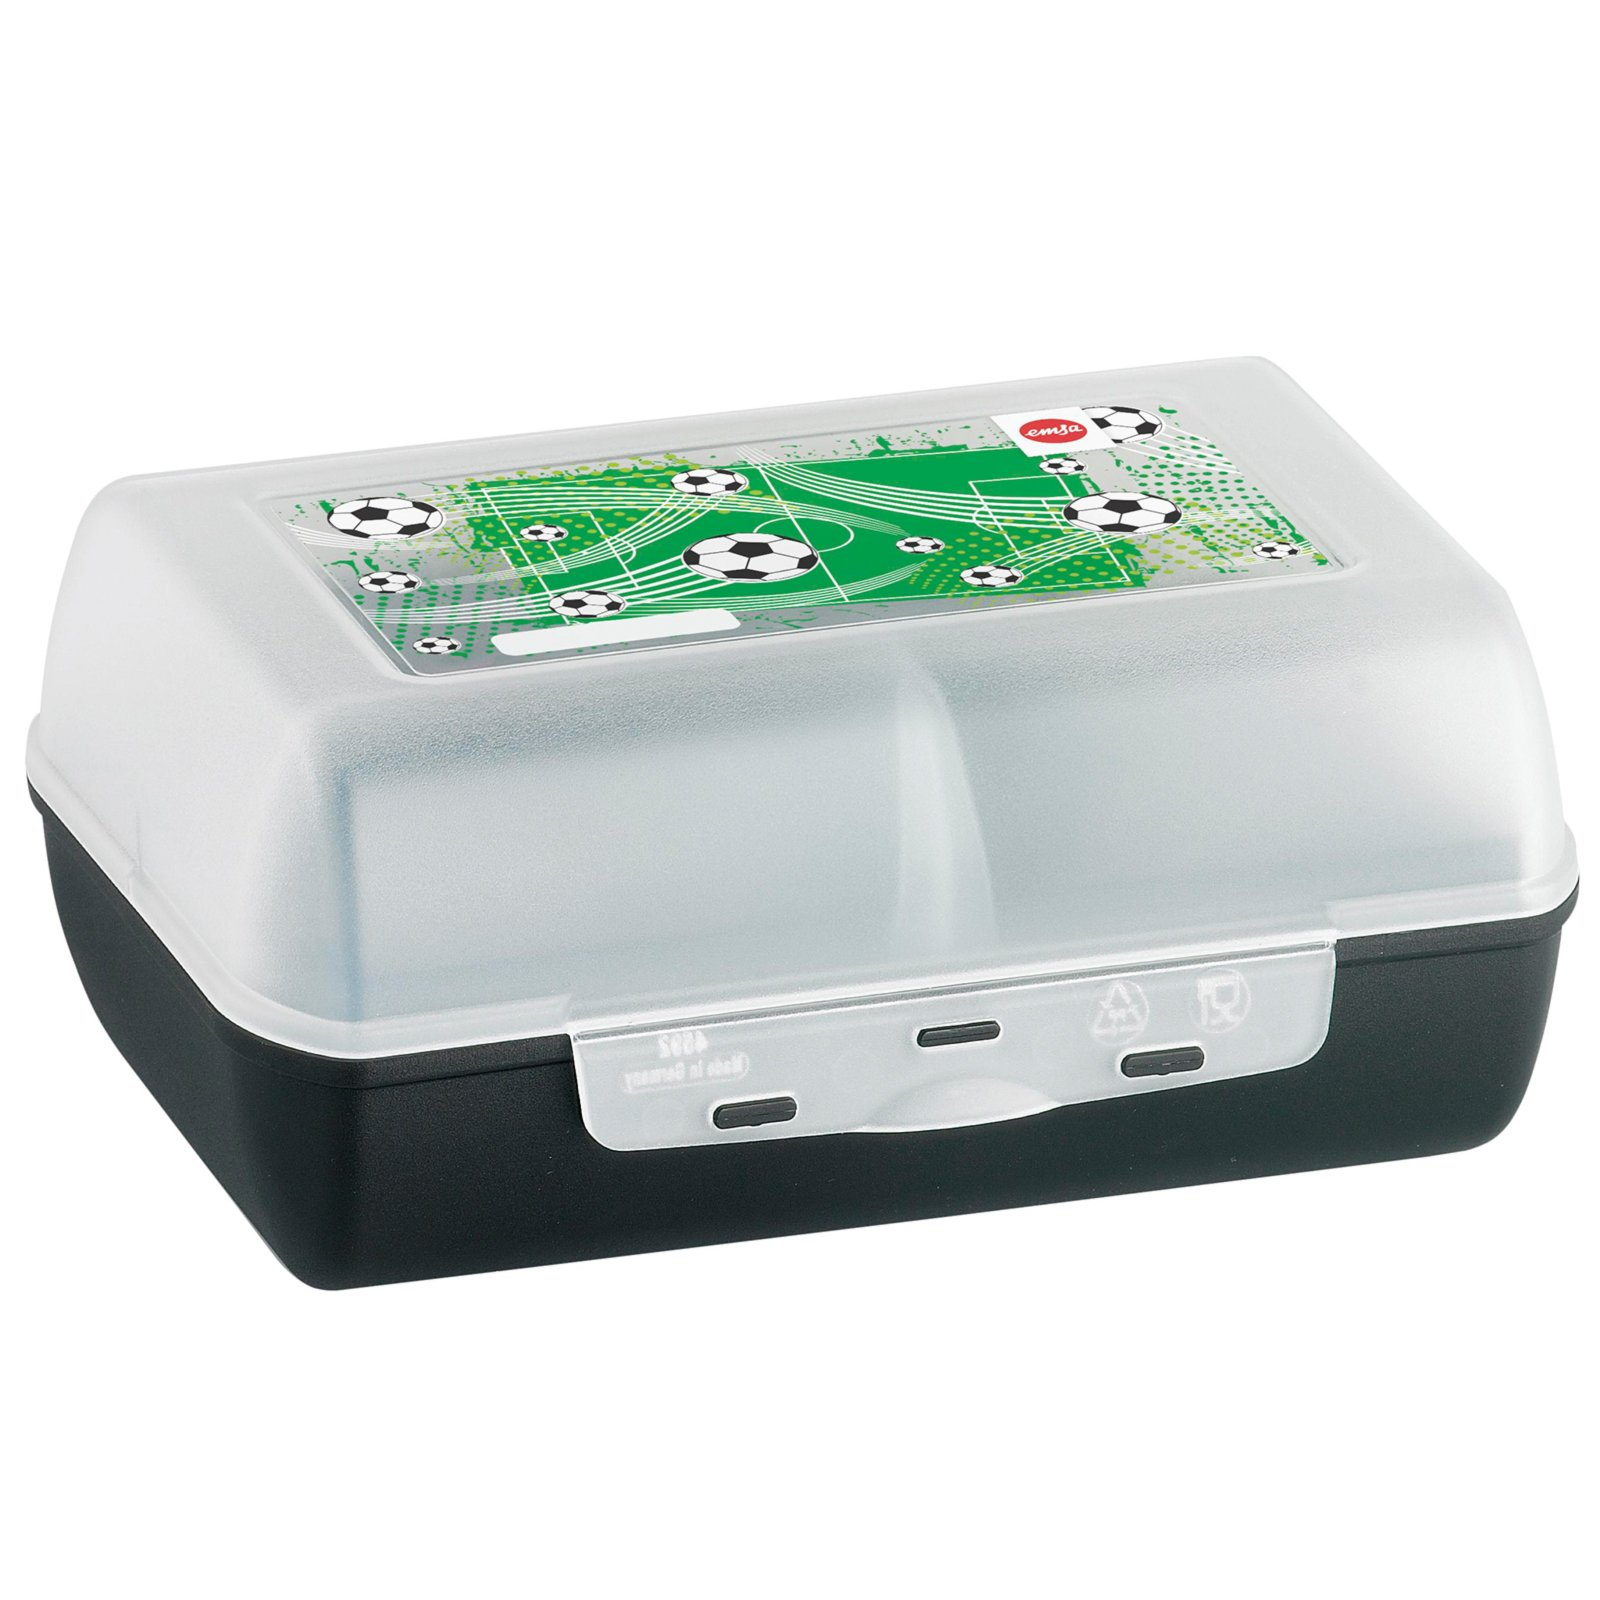 lunchbox soccer transparent schwarz mit trennwand brotdosen dosen und vorratsgl ser. Black Bedroom Furniture Sets. Home Design Ideas